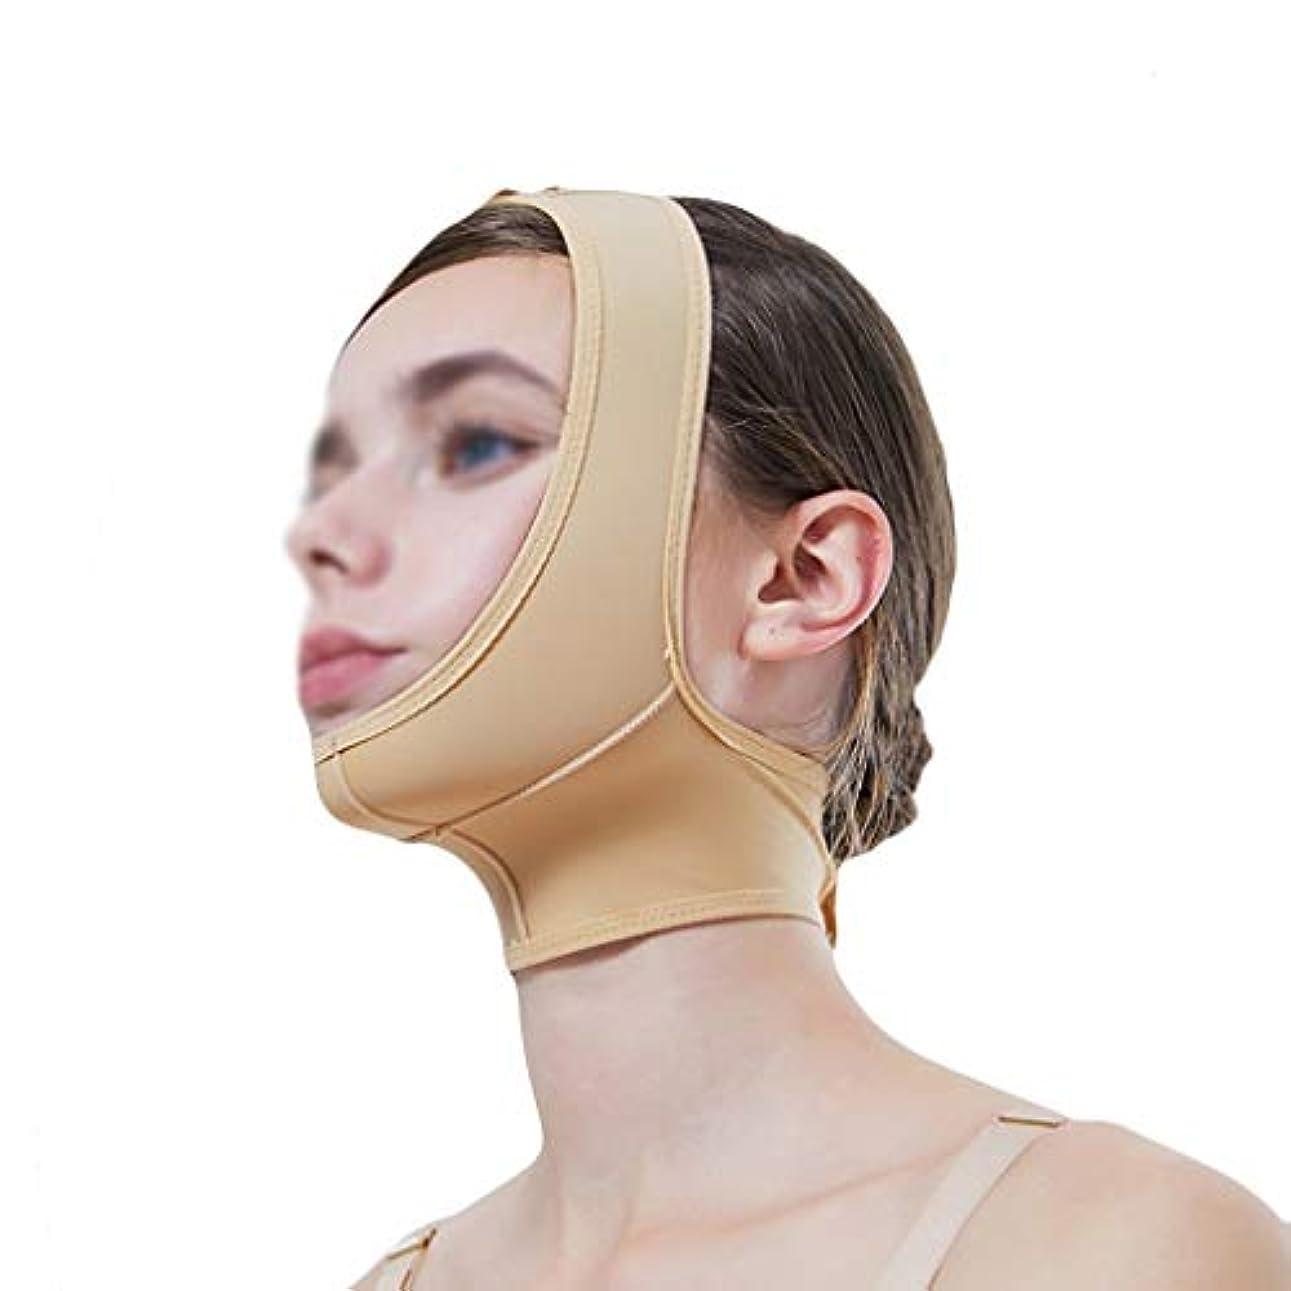 満員鷲お尻XHLMRMJ マスク、超薄型ベルト、フェイスリフティングに適しています、フェイスリフティング、通気性包帯、チンリフティングベルト、超薄型ベルト、通気性 (Size : S)